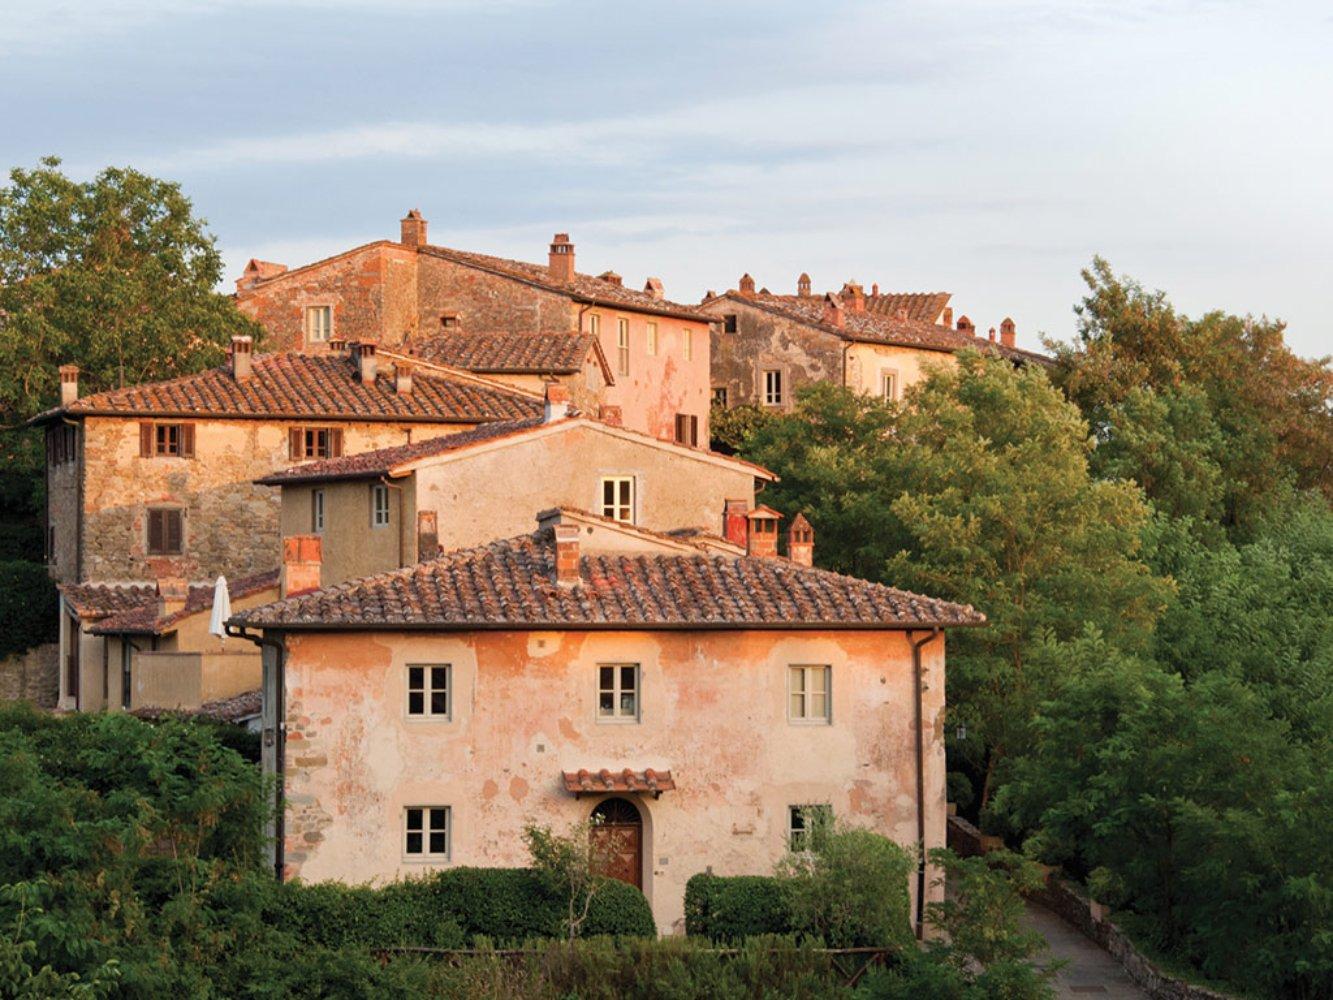 Toscana da luna di miele tante idee per il viaggio di nozze visit